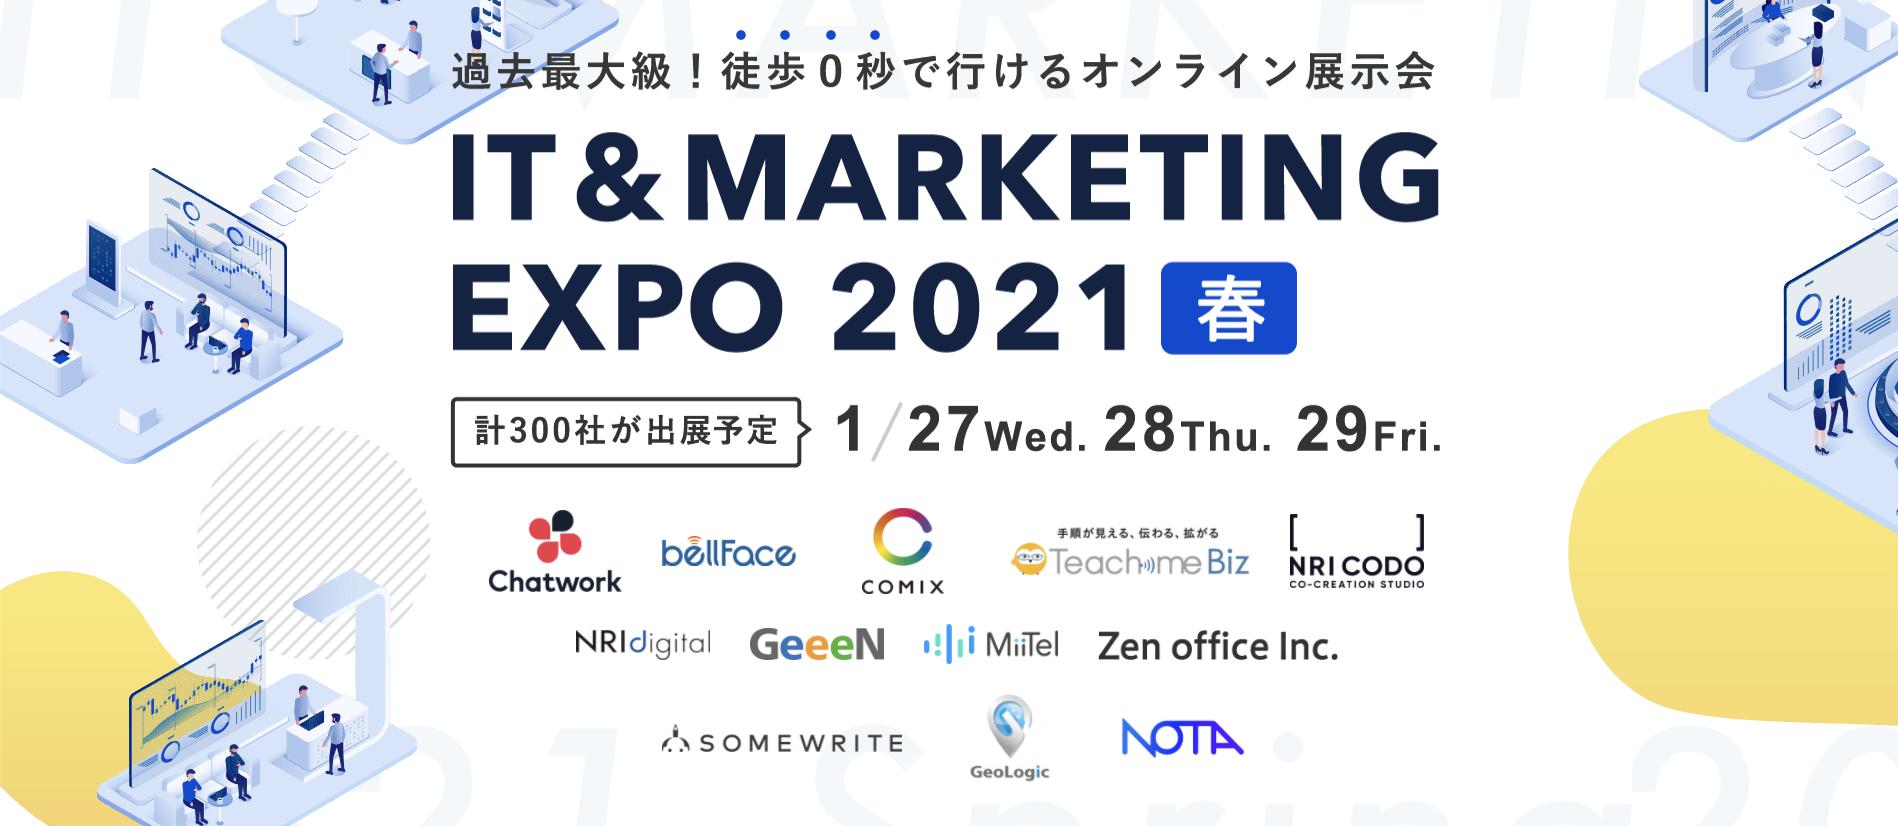 【オンライン開催】IT&MARKETING EXPO2021